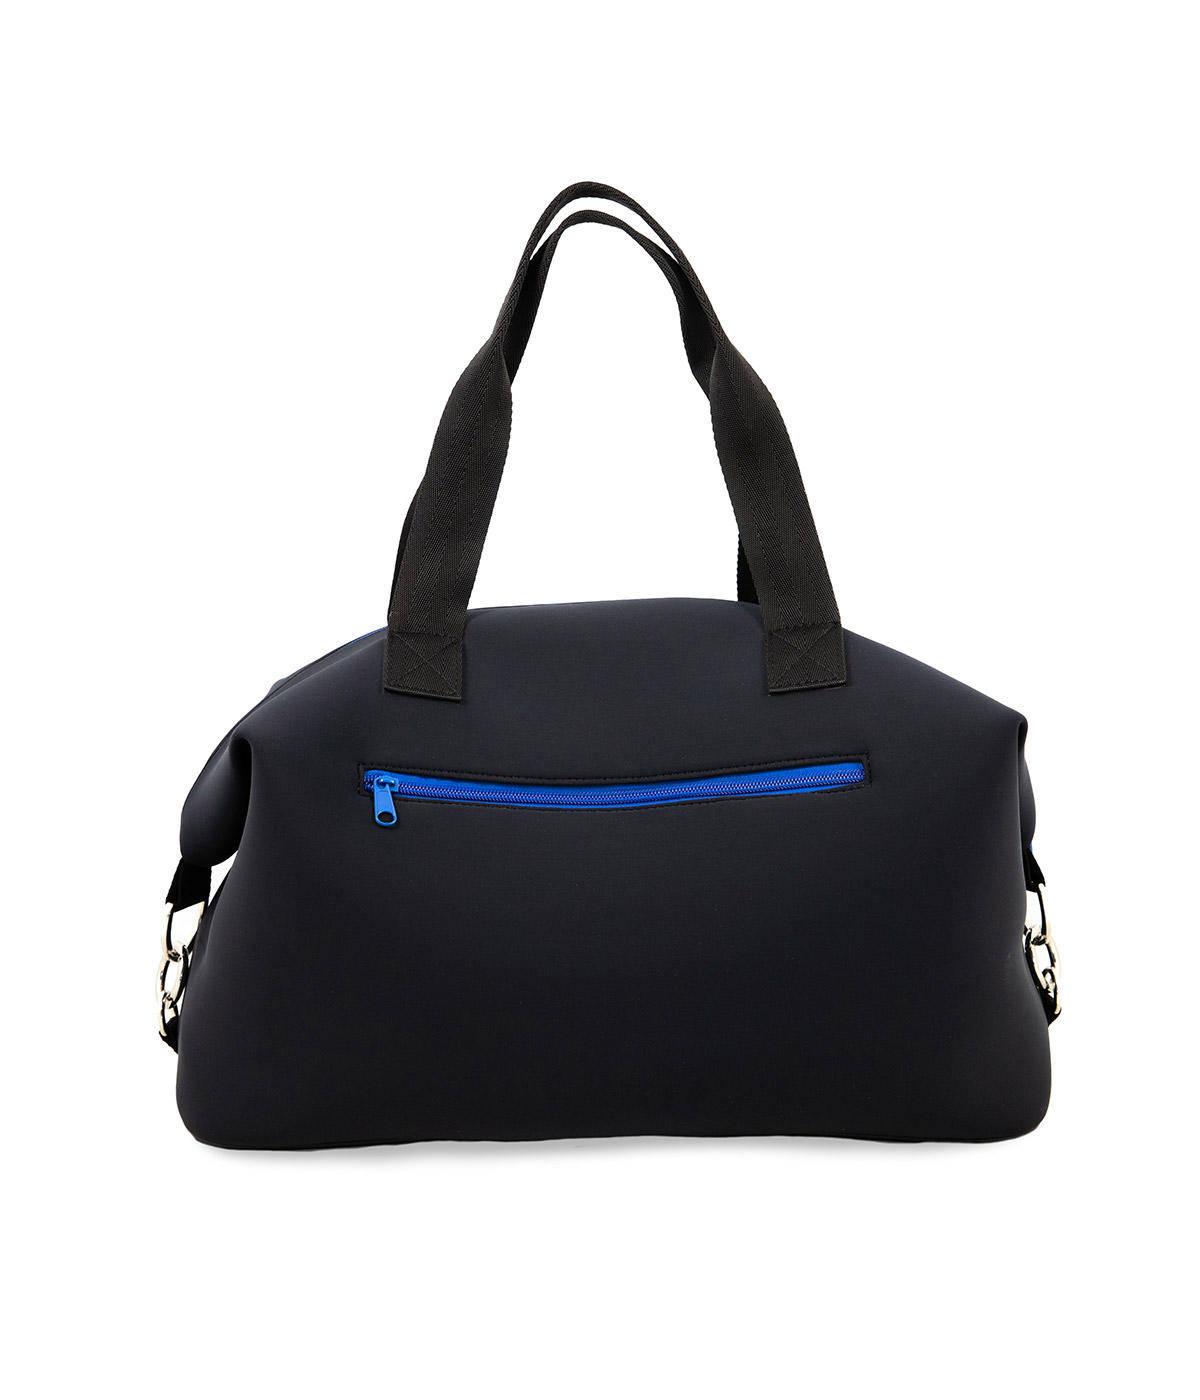 borsone-neoprene-impermeabile-fascia-azzurra-retro